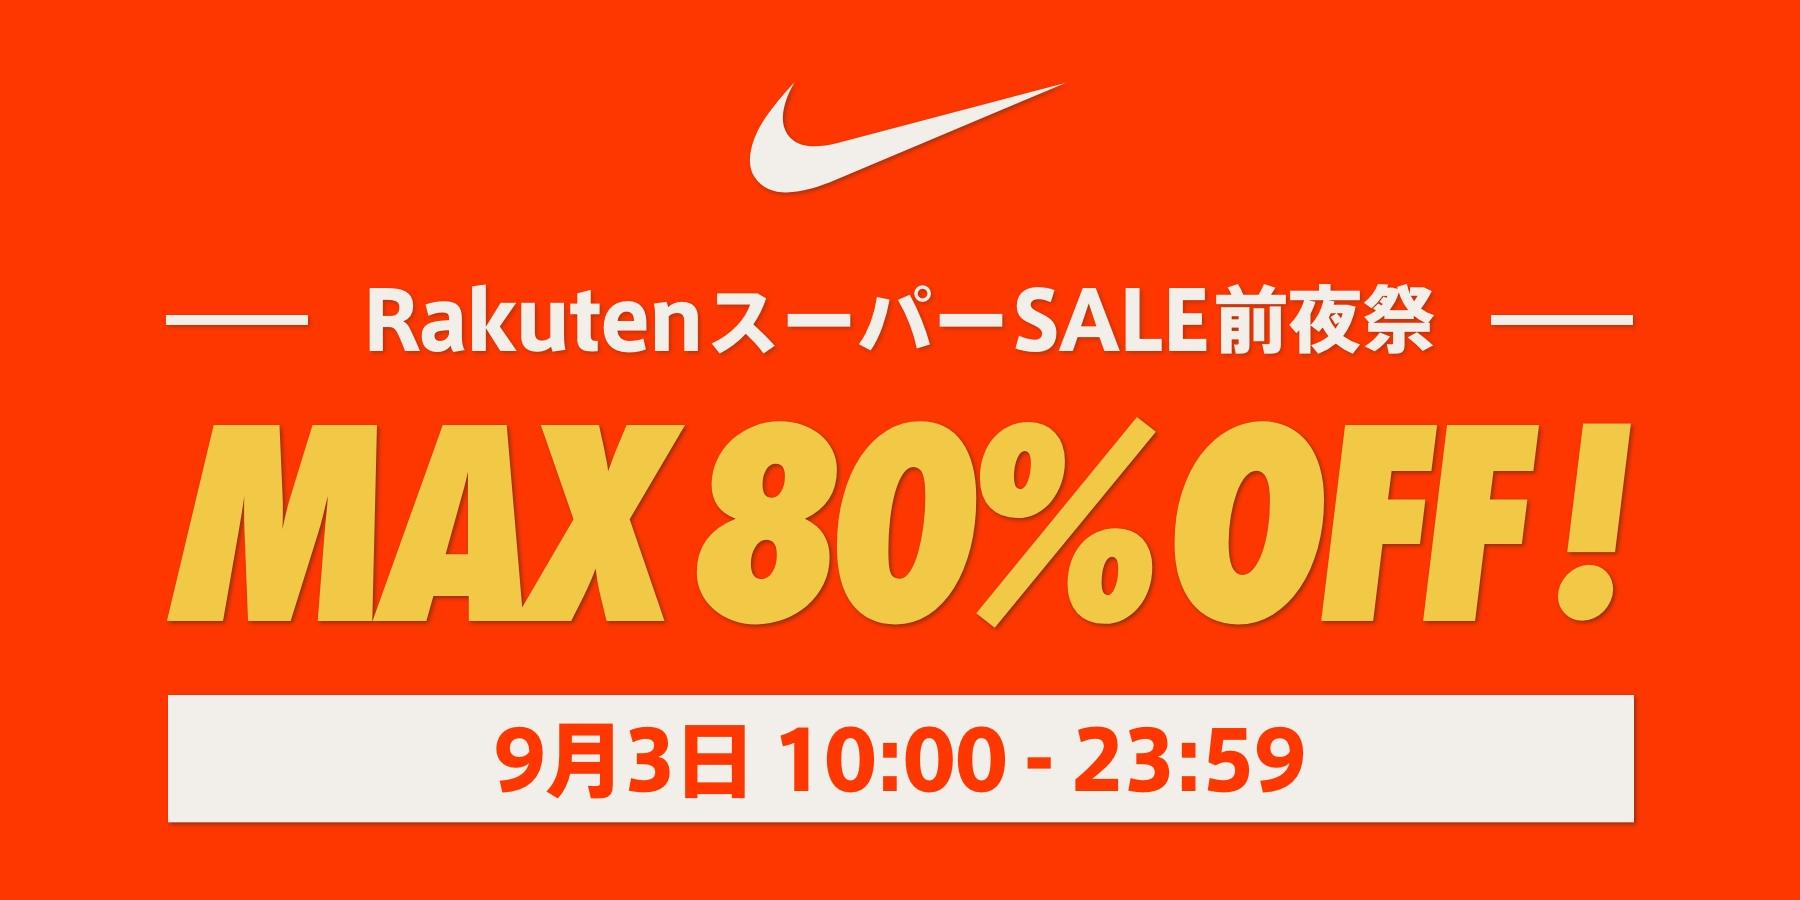 9月3日からNIKE 公式 楽天市場店でMAX80%OFFセール!